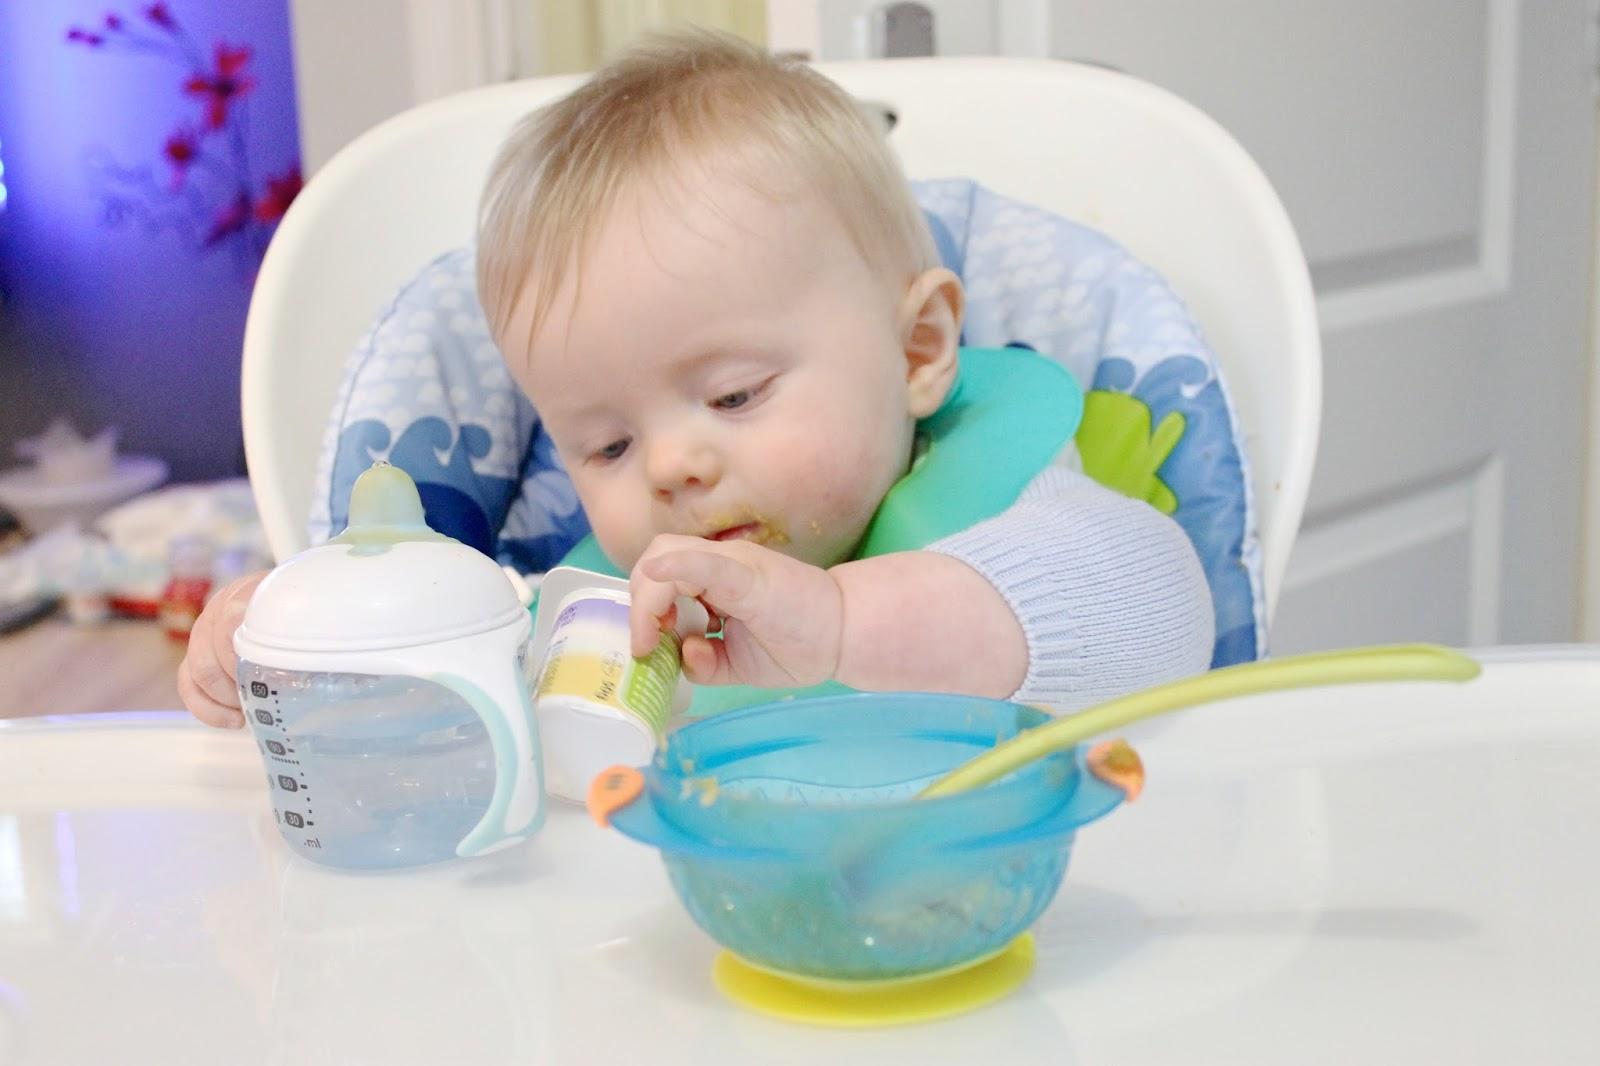 Bioacimin - 04 - May - Những điều mẹ cần biết về chế độ ăn dặm Baby Wed Leaning8